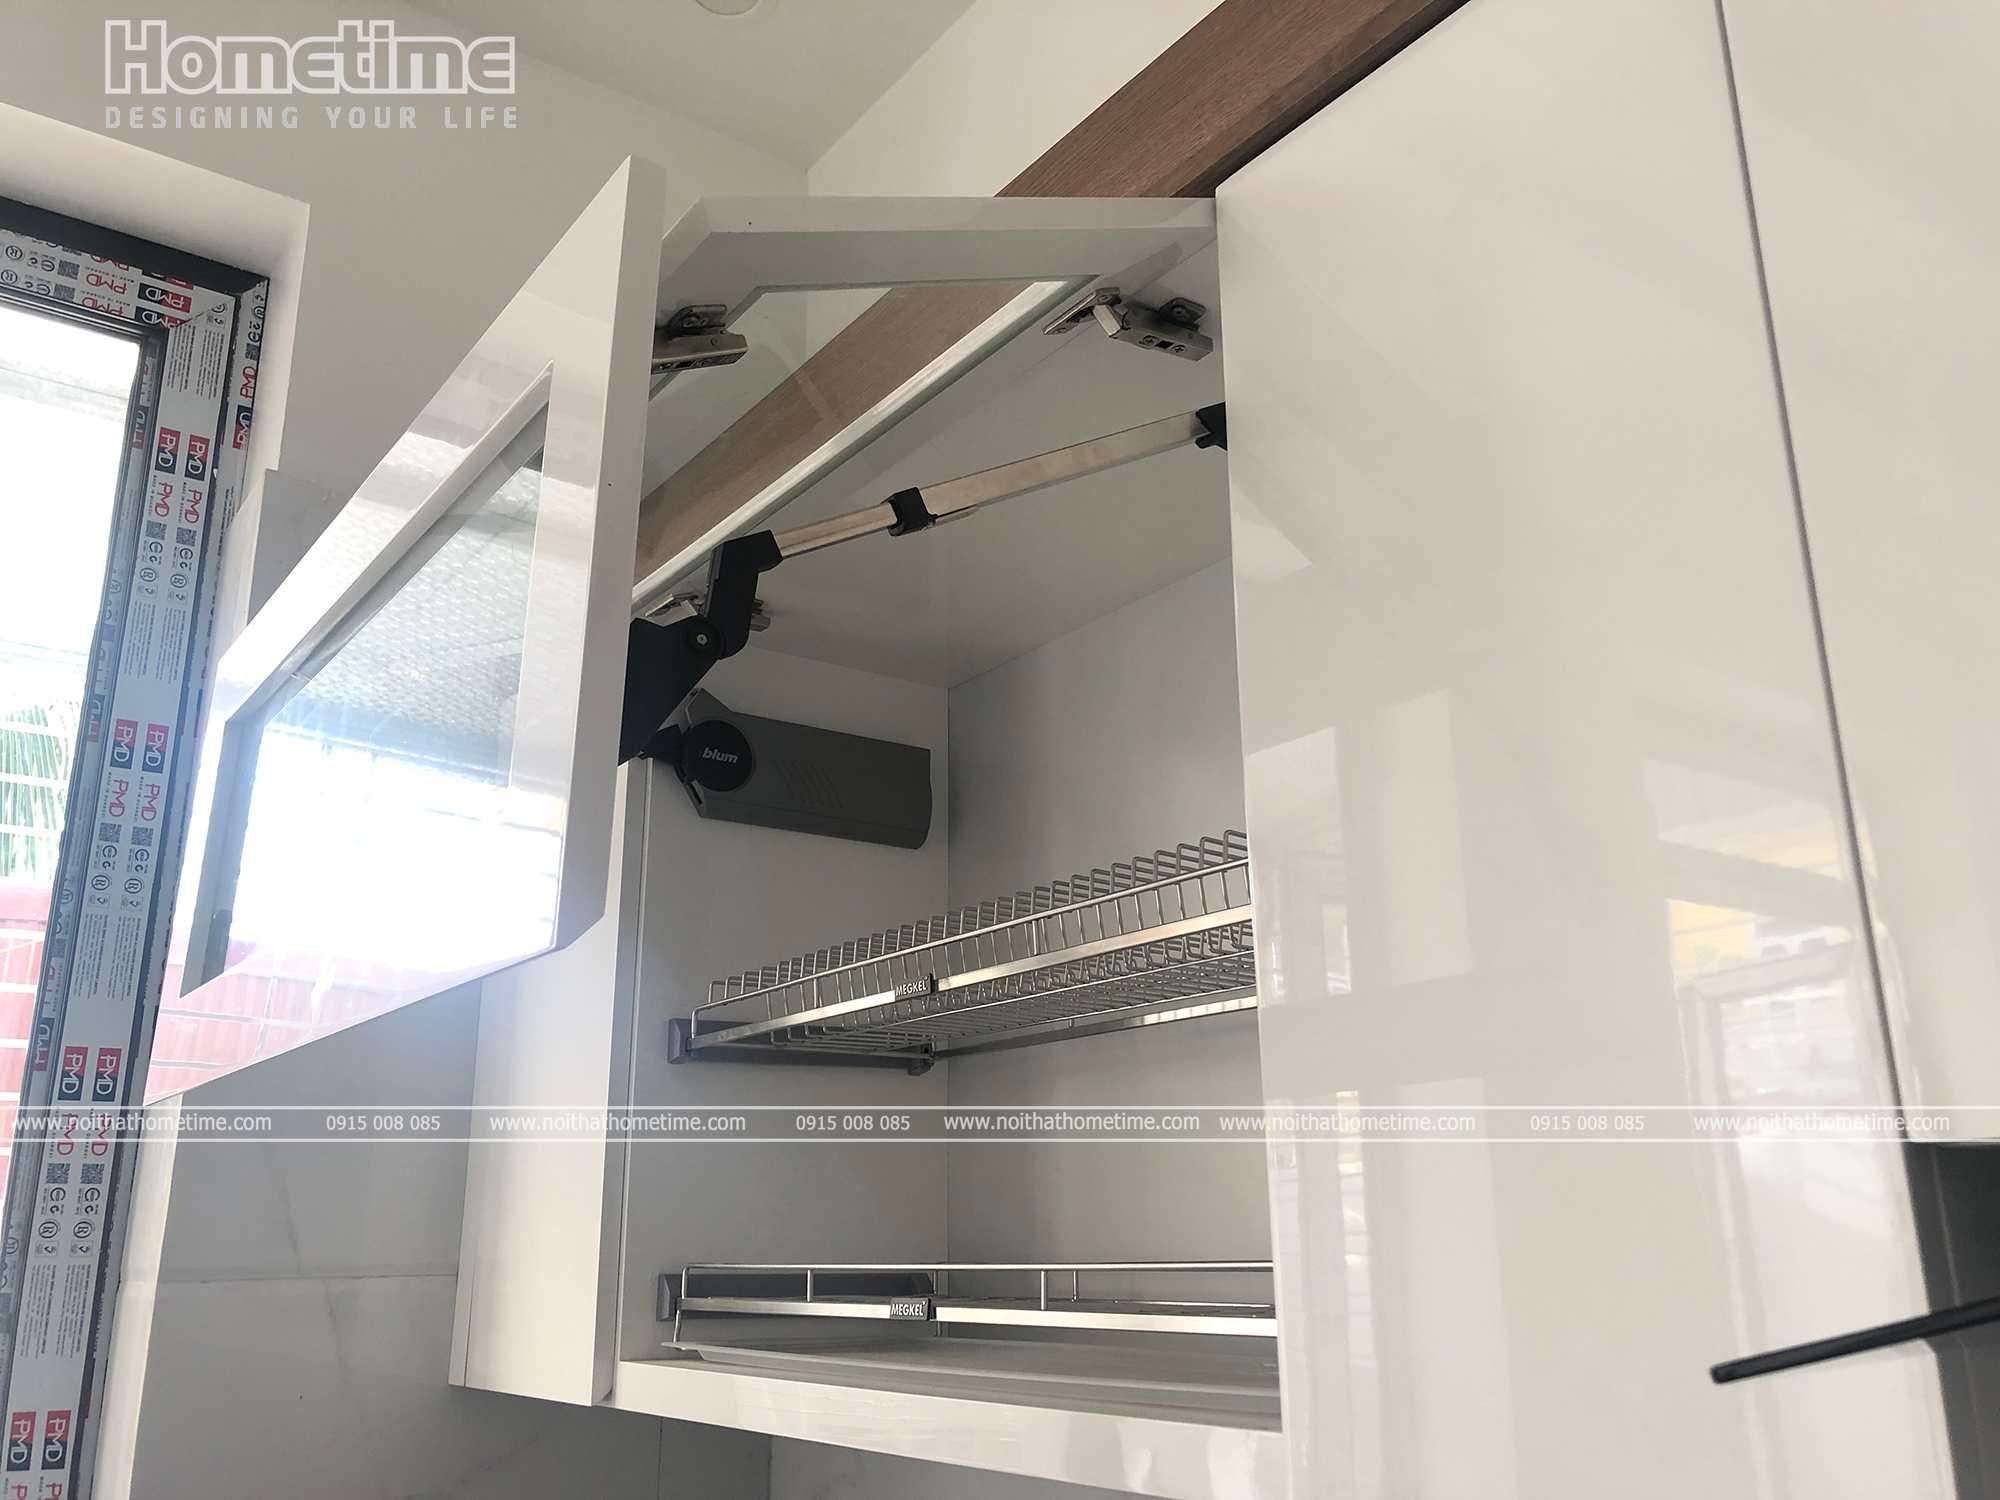 Cánh tủ giá bát đĩa nâng hạ hoạt động một cách dễ dàng